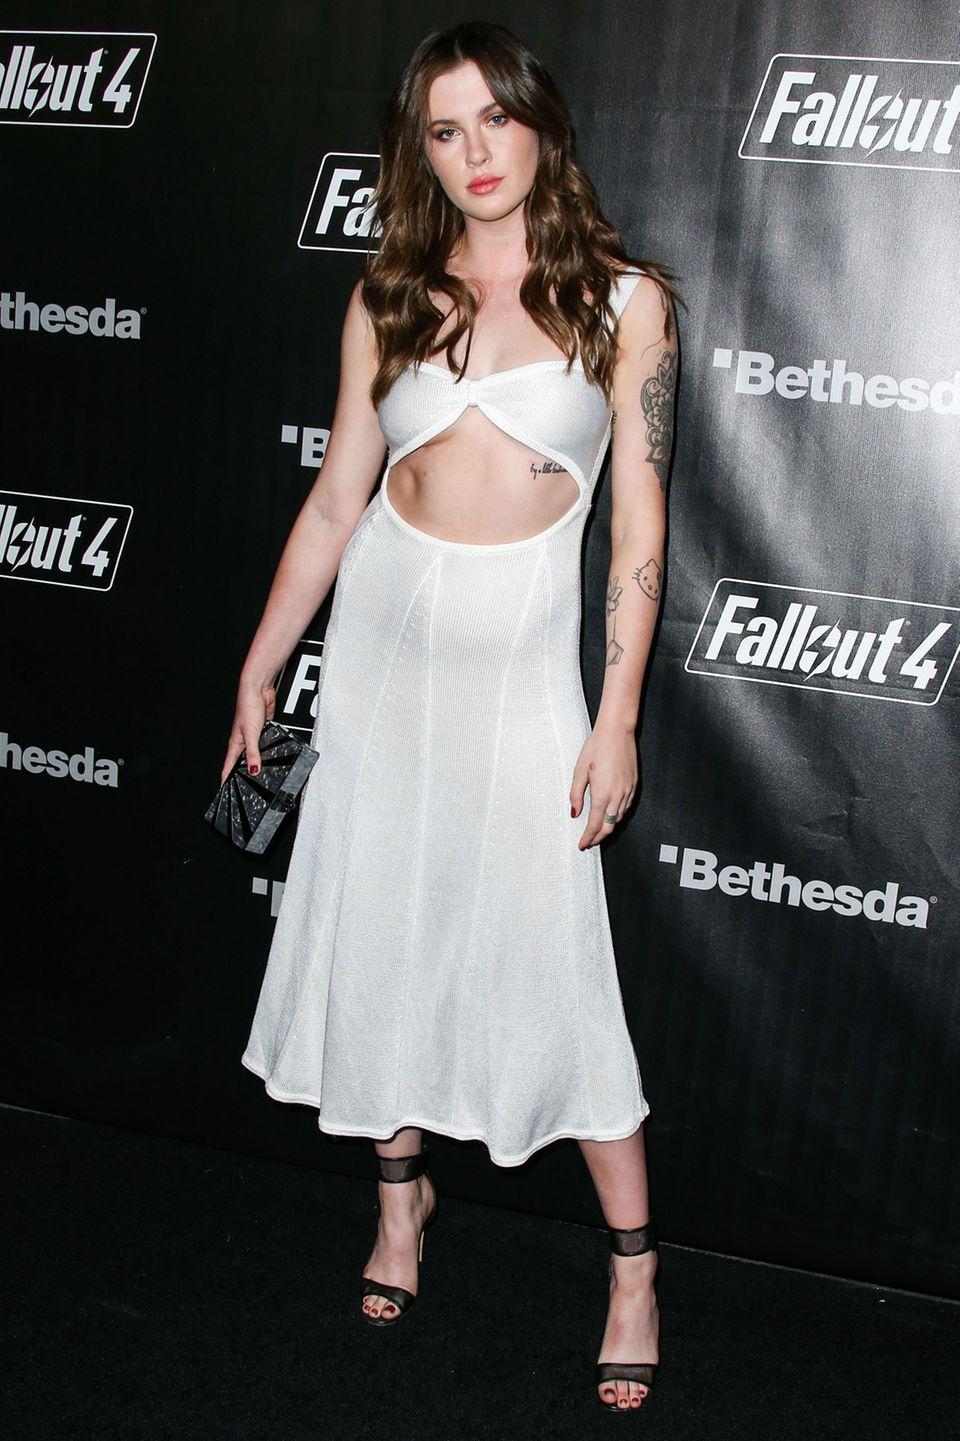 Um Himmels Willen, was ist das denn für ein Kleid? Ireland Baldwin hat es tatsächlich geschafft, ihren Traumkörper in ein unbeschreiblich hässliches Stück Mode zu stecken.